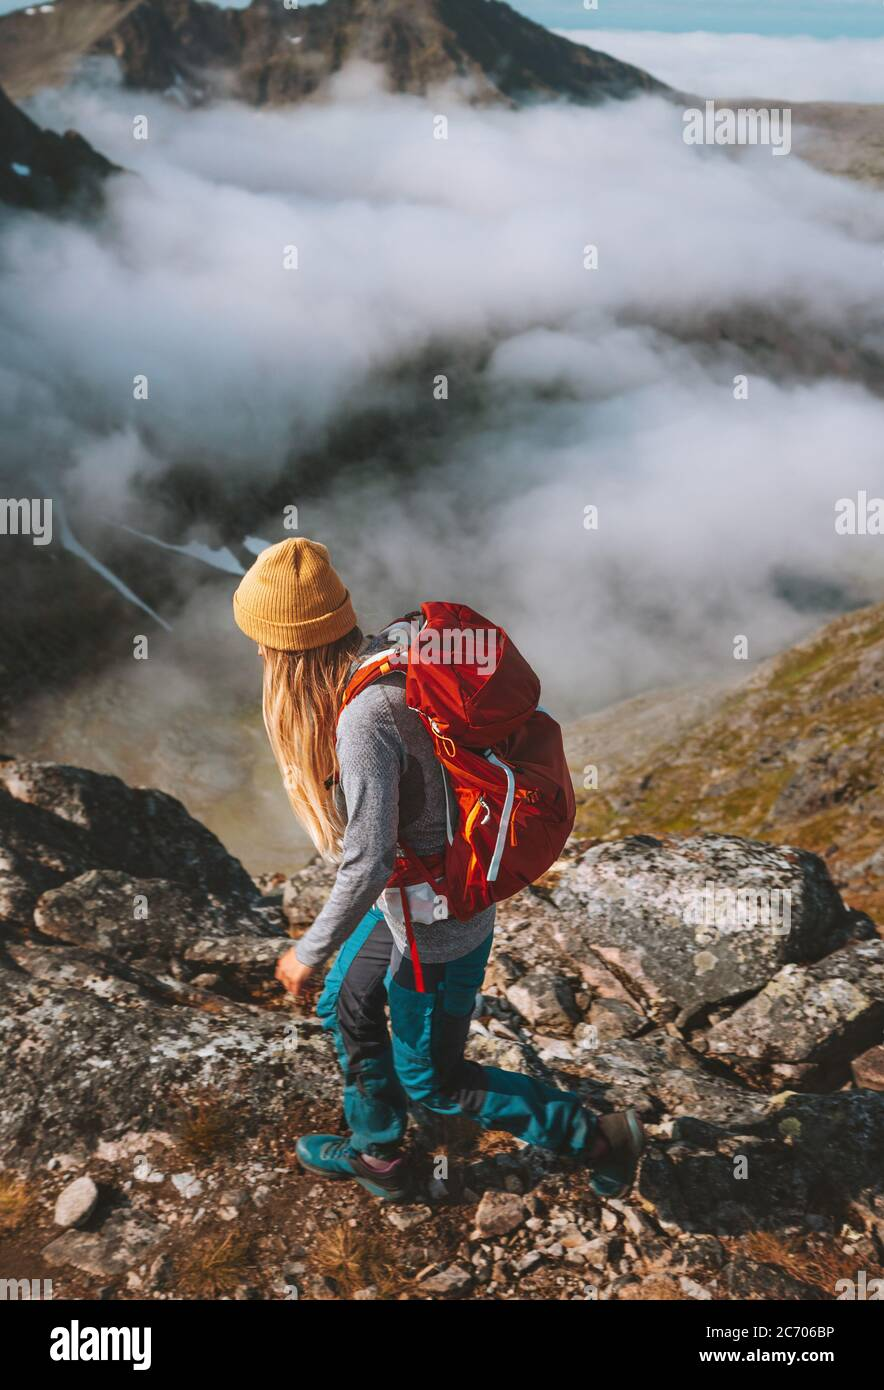 Mujer senderismo en las montañas con mochila roja viaje pista de carrera actividad vacaciones de verano estilo de vida saludable aventura al aire libre solo trekking en Noruega Foto de stock